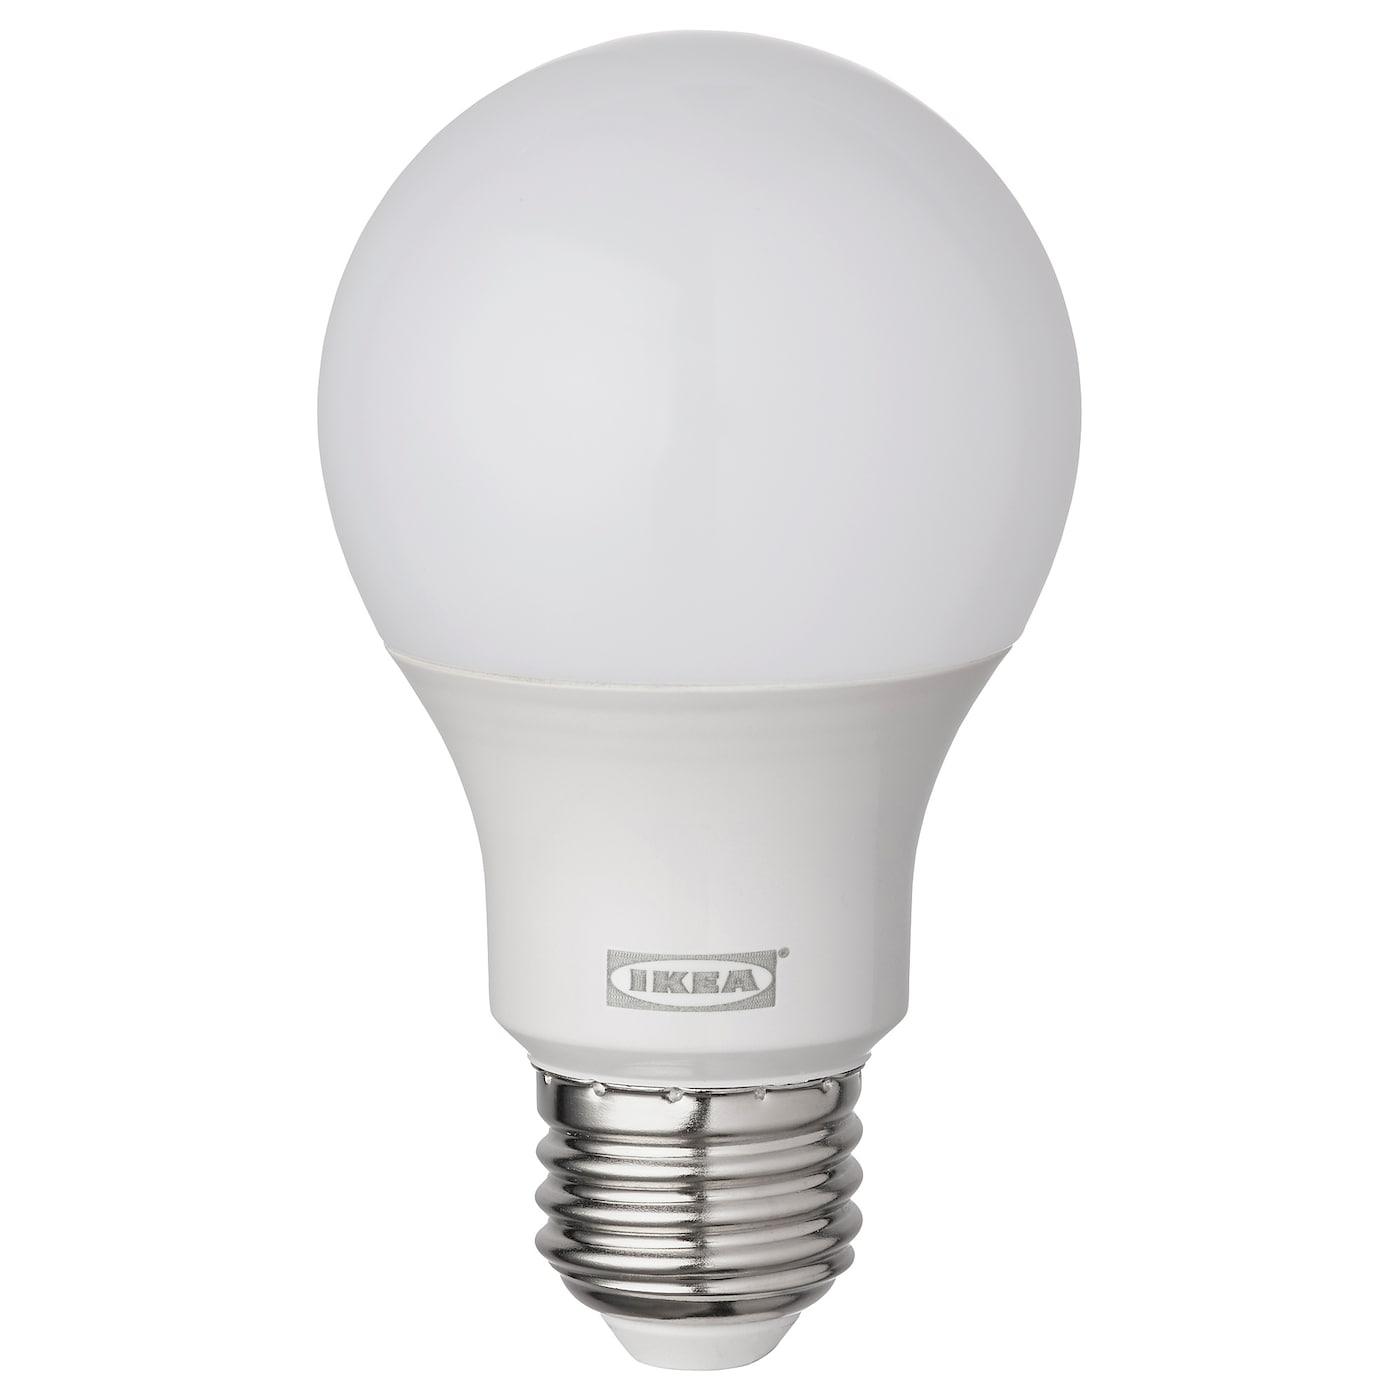 RYET Ampoule à DEL E26 450 lumens, sphérique opalin